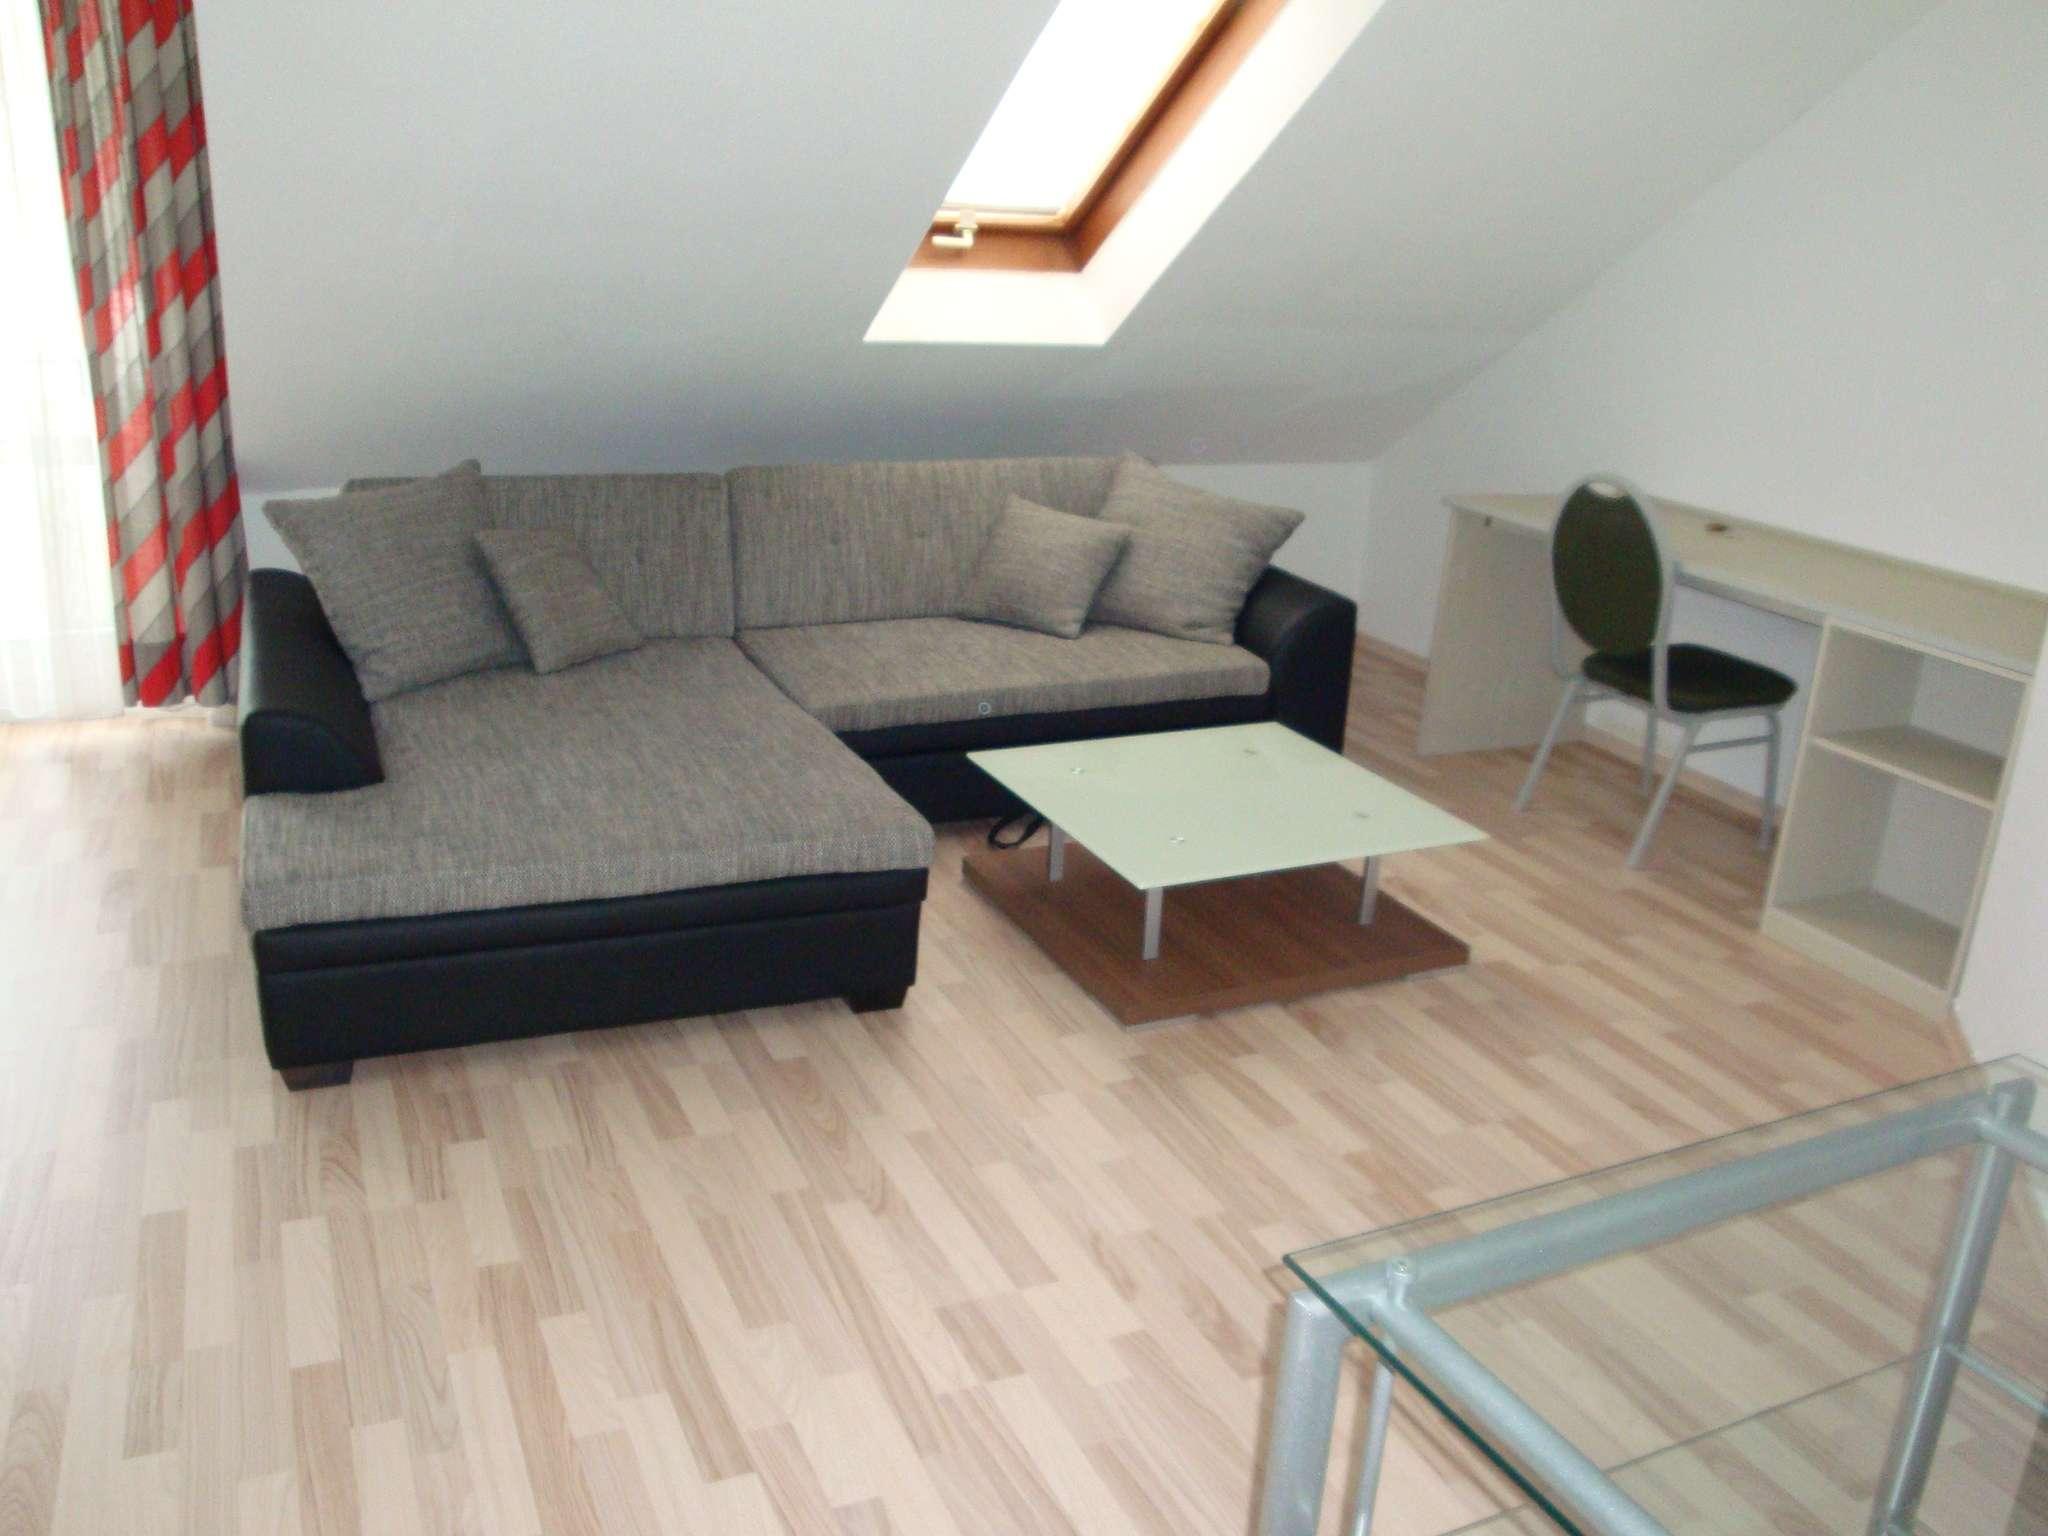 Ruhige Zentrumsnähe, möblierte 1 1/2-Zi.-Wohnung mit Balkon, Kfz-Stellplatz, Wfl. ca. 32 m² in City (Bayreuth)